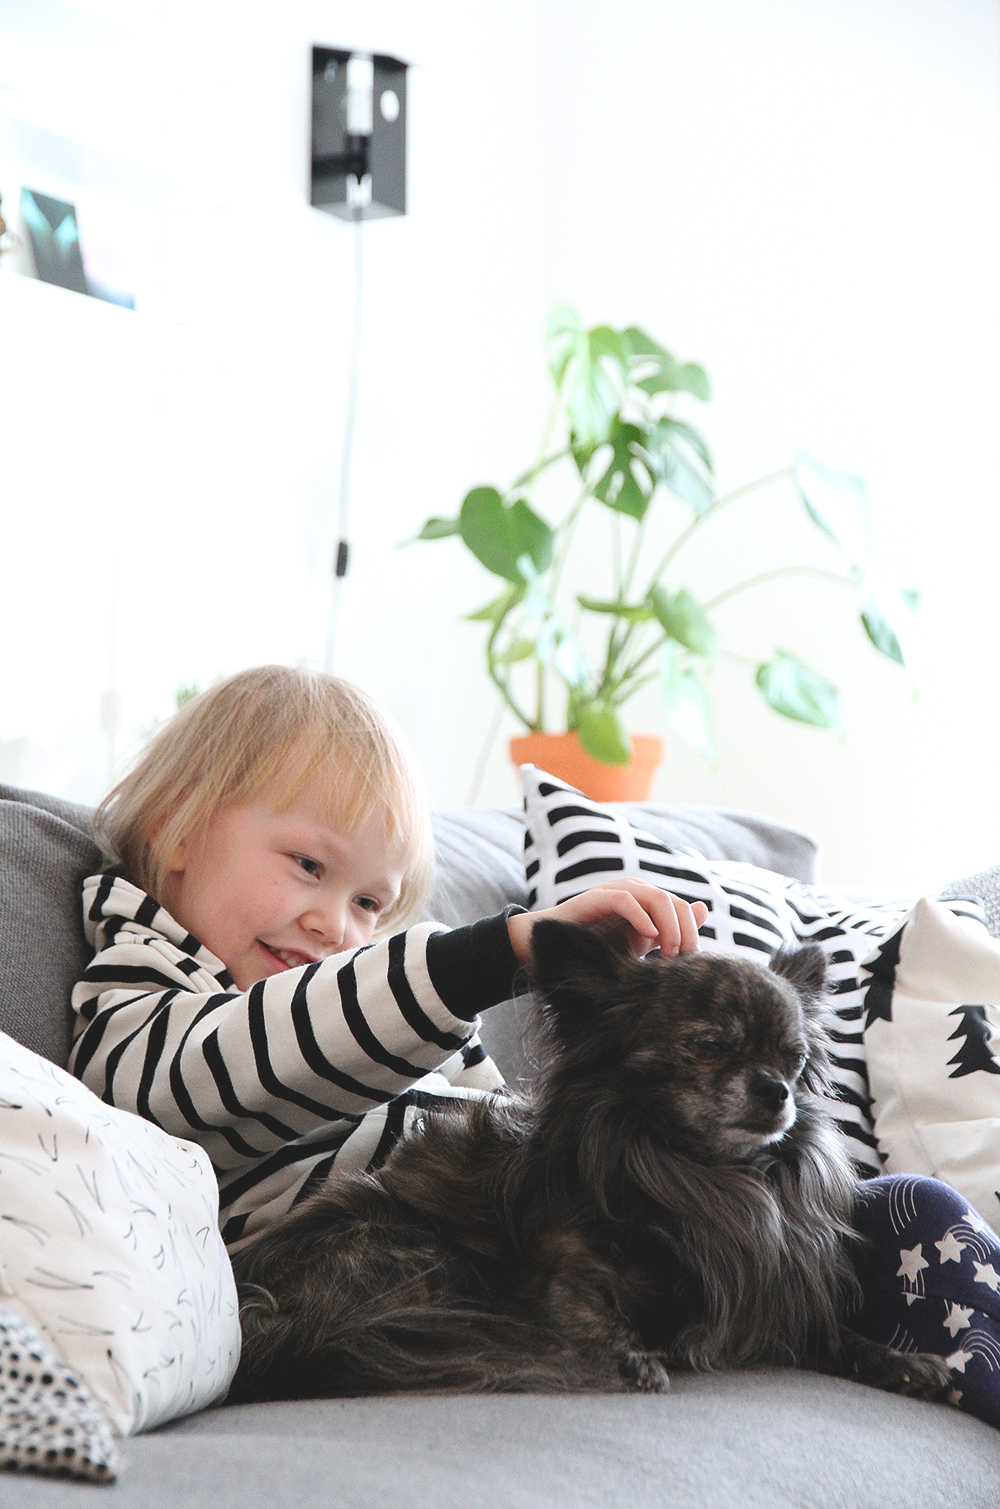 makia siiri lastenvaatteet hunajaista onni chihuahua blogi koirat